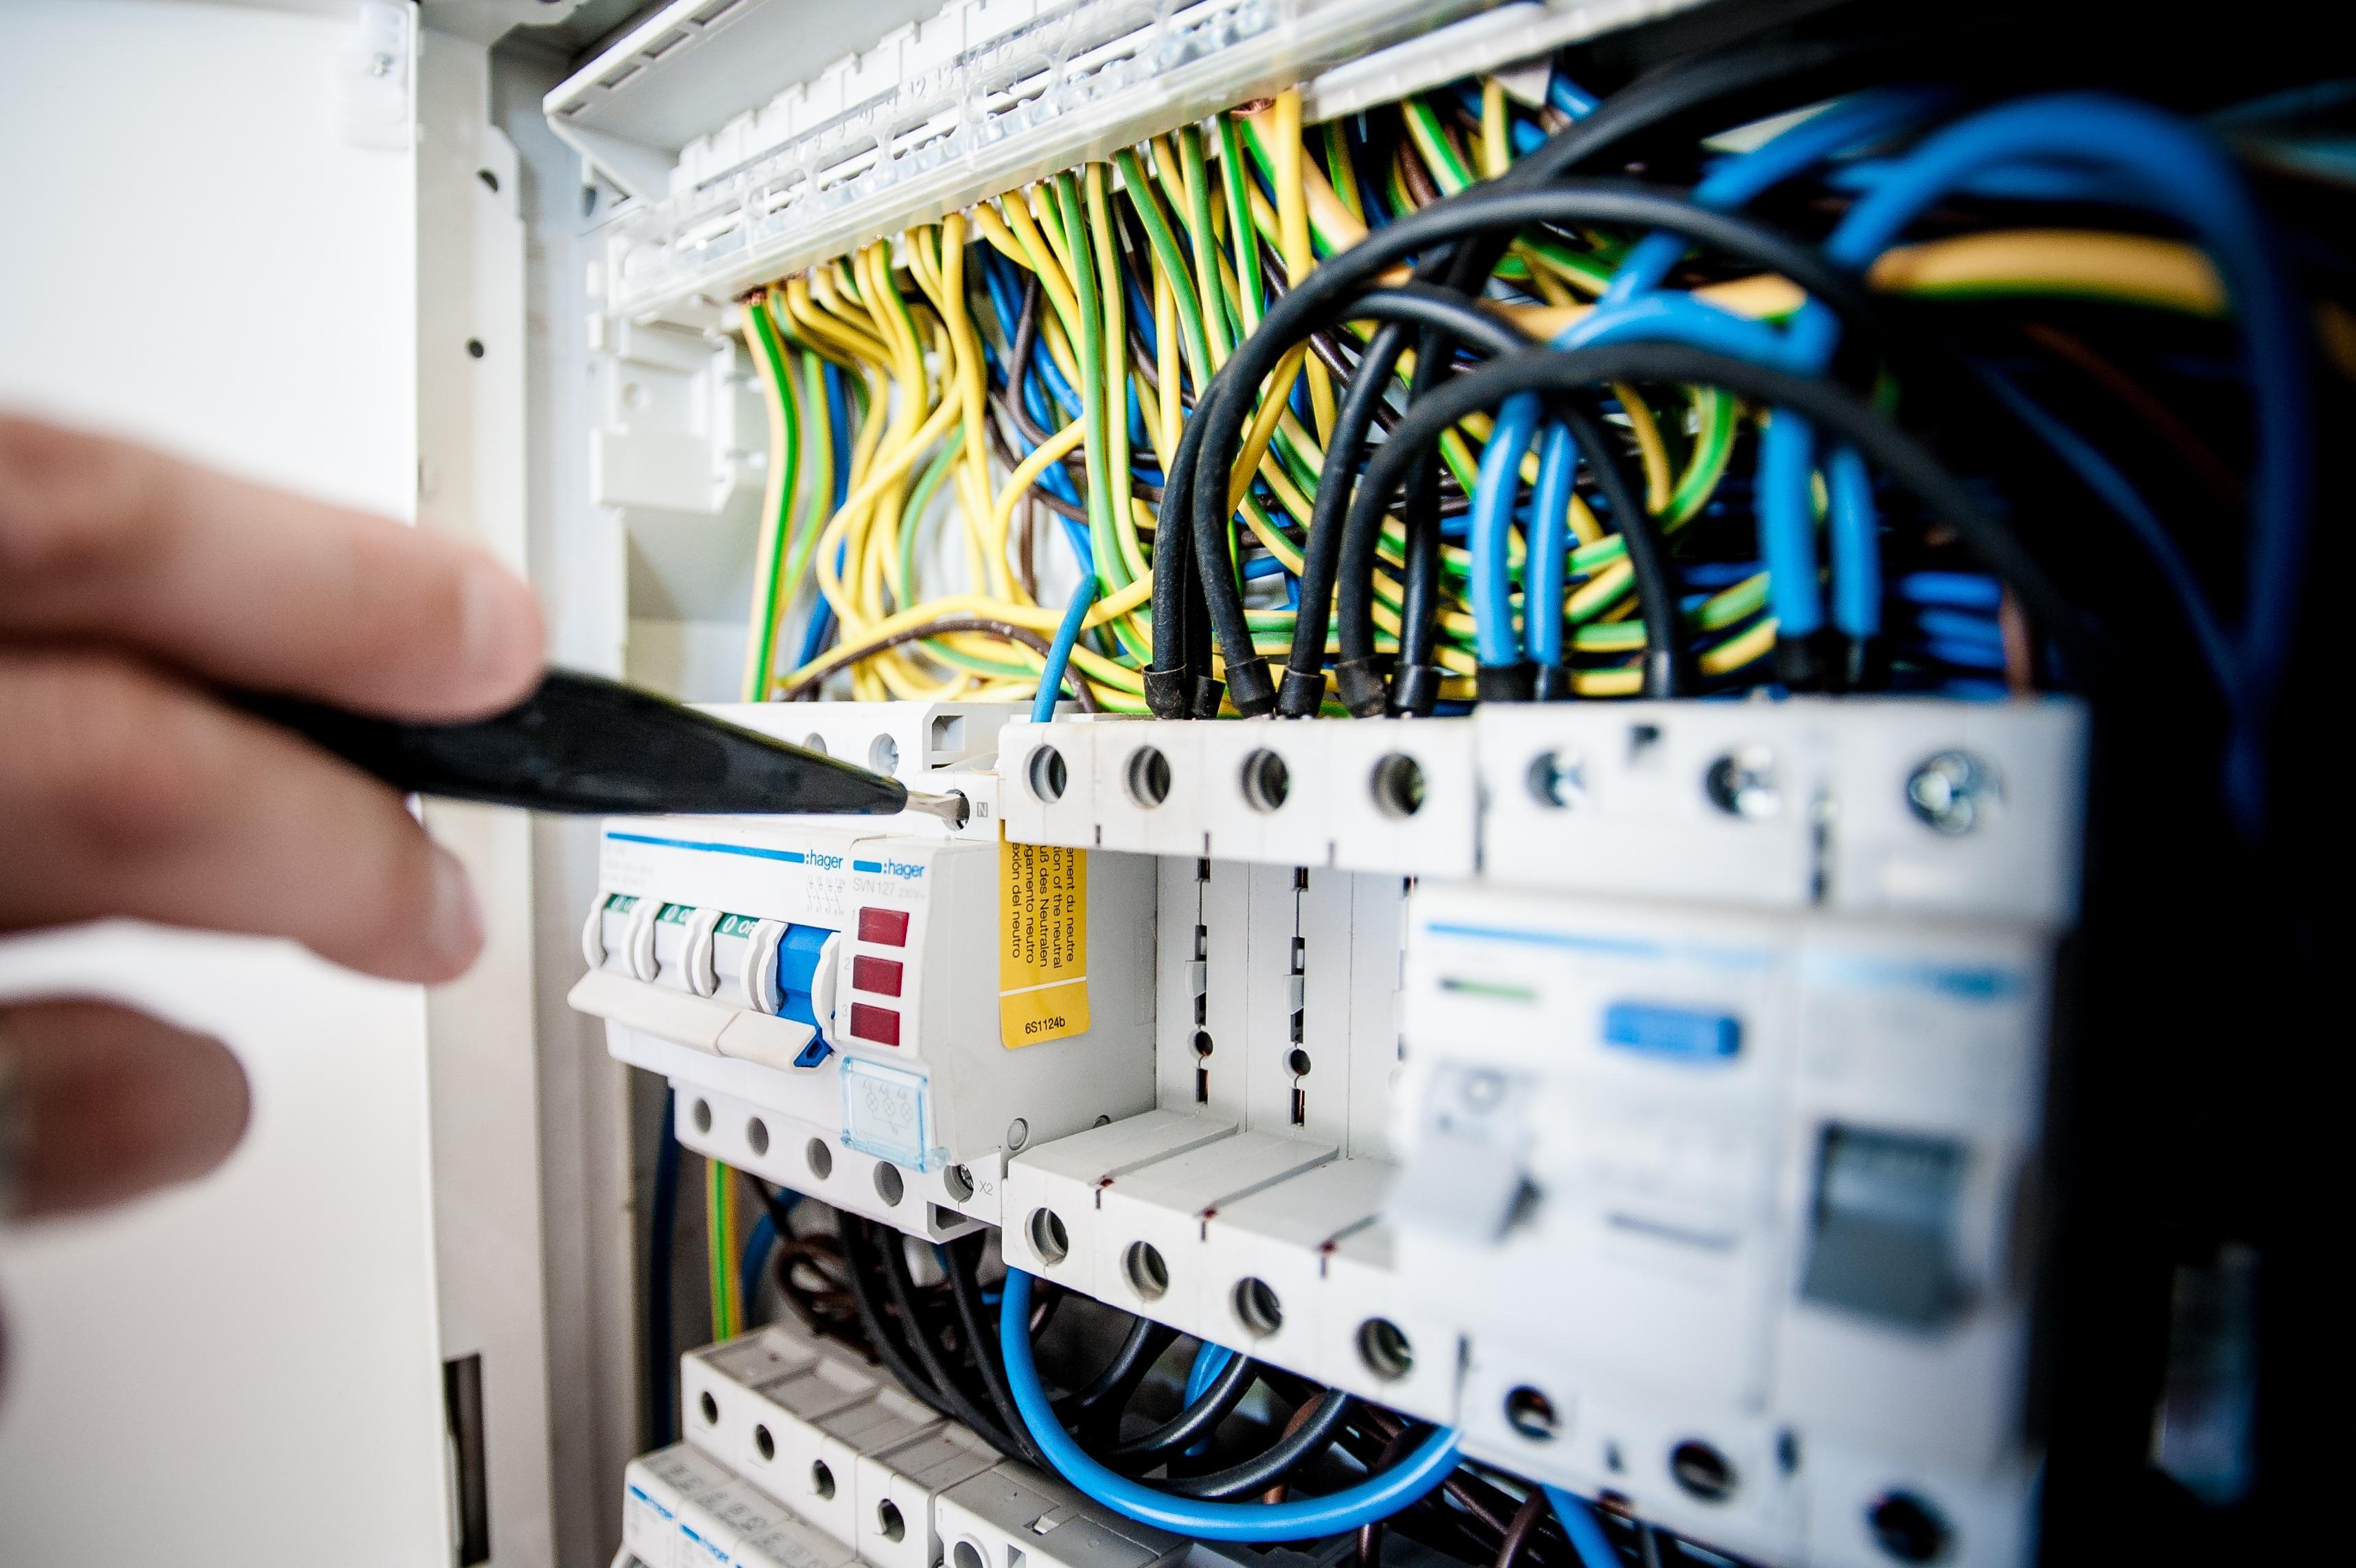 Пусконаладочные работы, проверка электропроводки, ООО Система, Киев